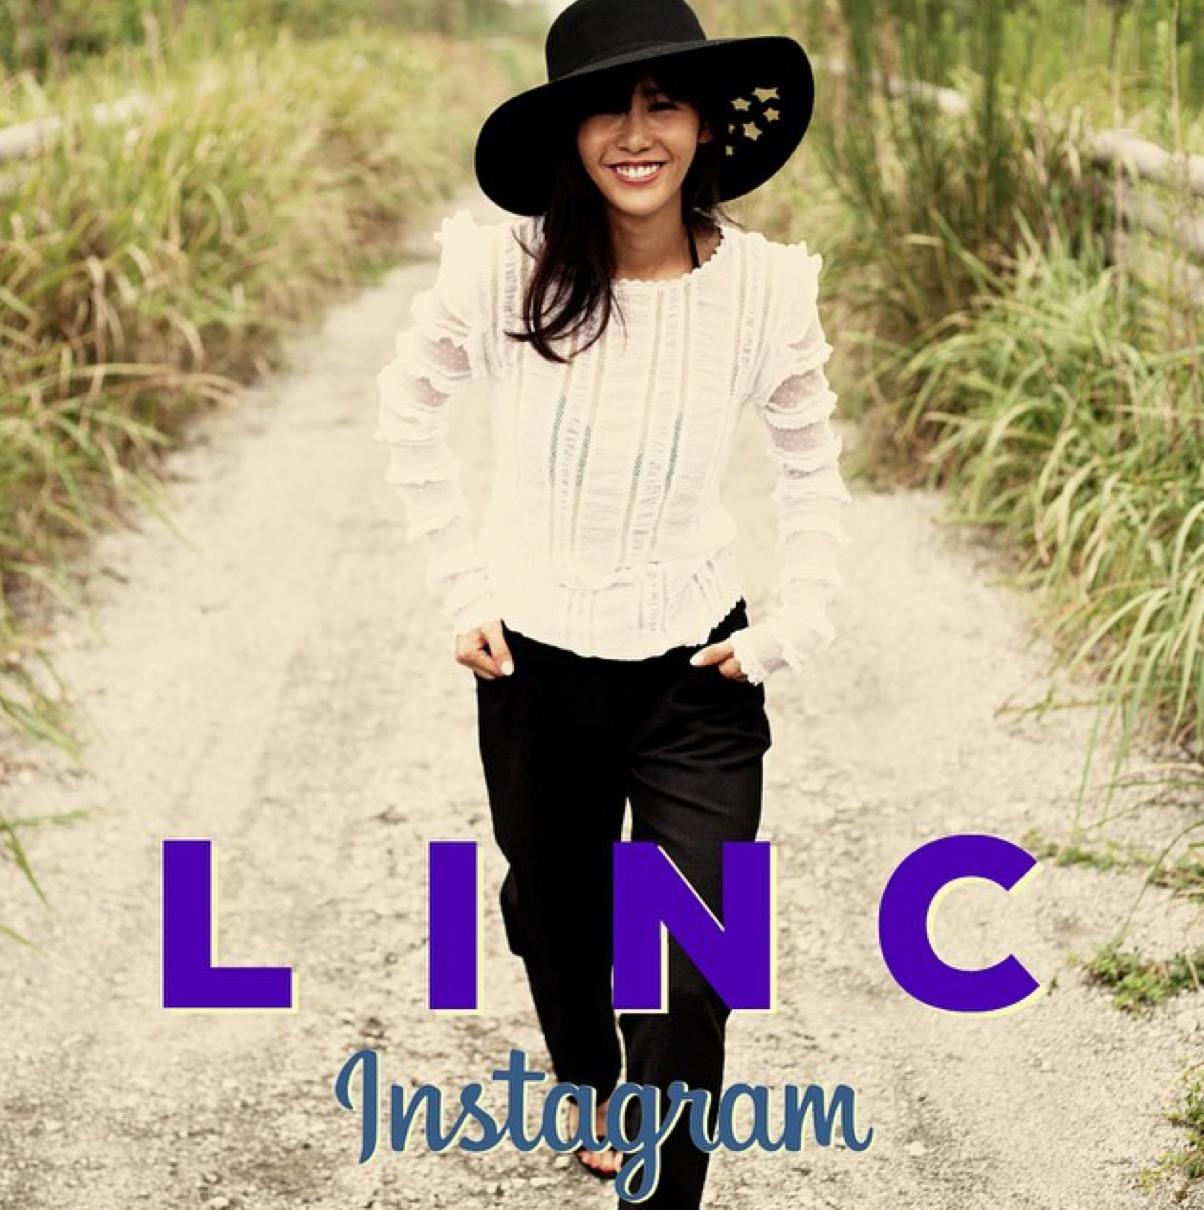 画像2: 『LINC MAGAZINE』(Web版)出演モデルを募集します!